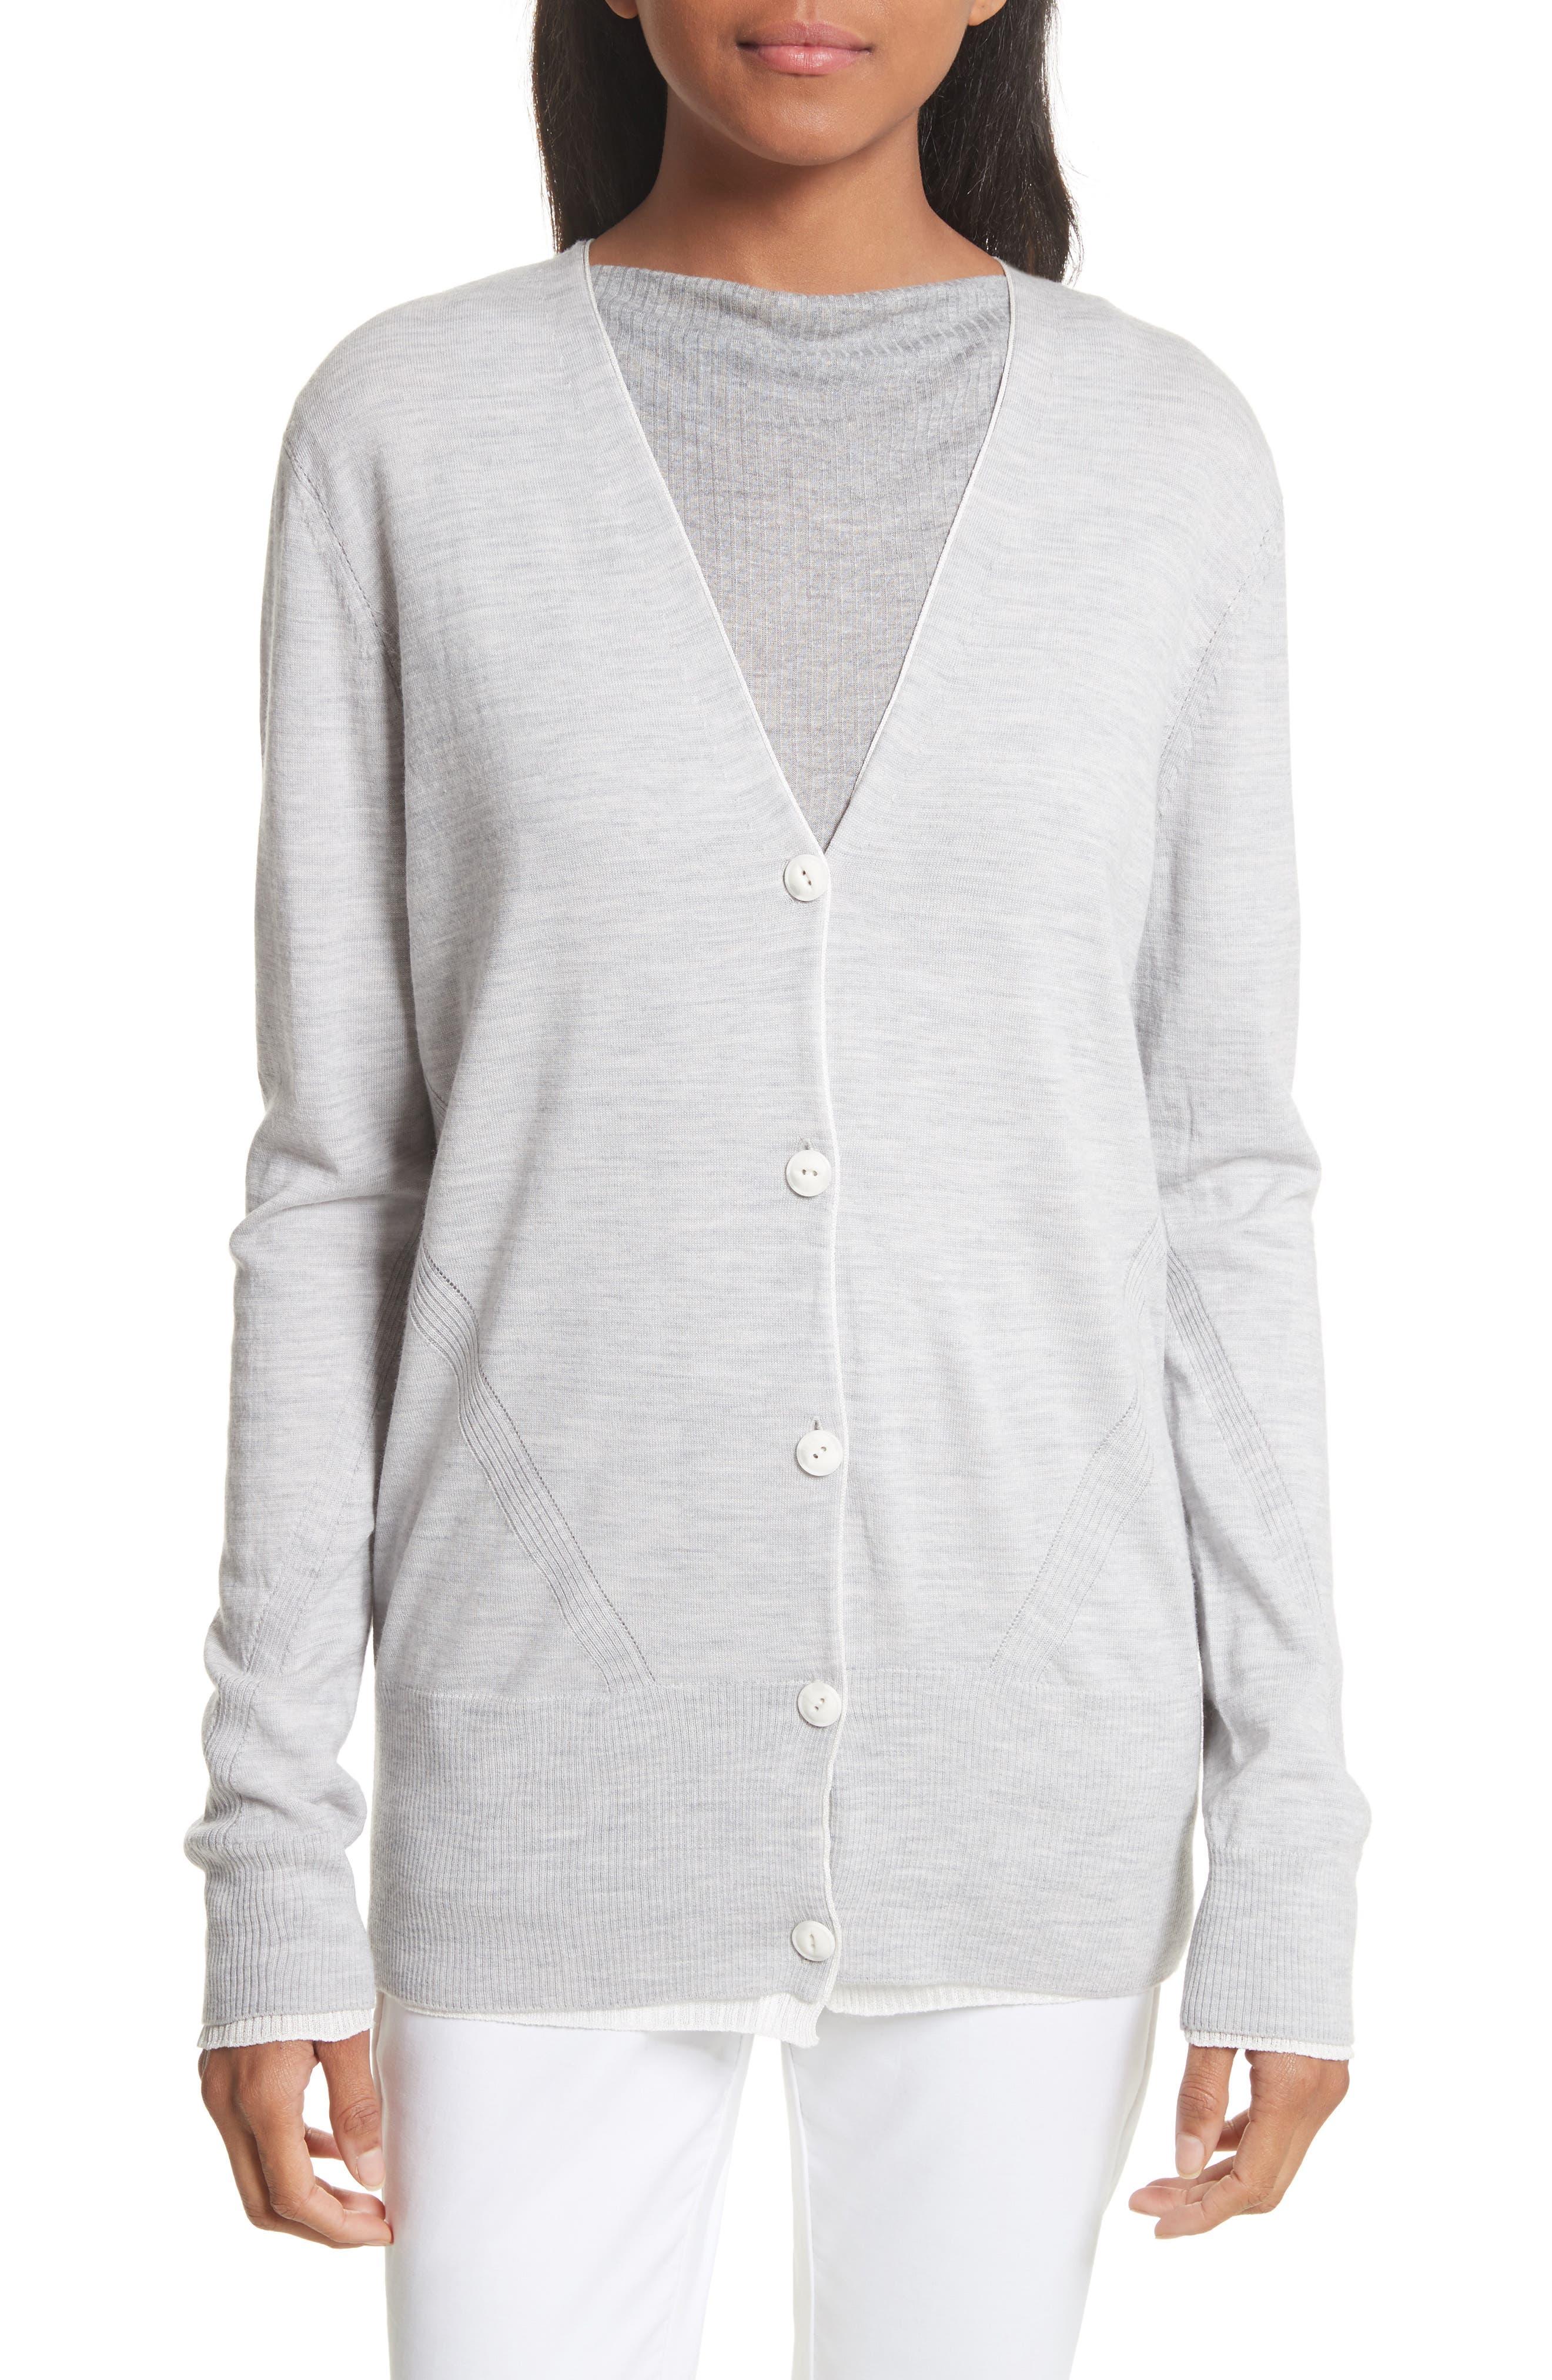 Alyssa Merino Wool Cardigan,                         Main,                         color, Grey